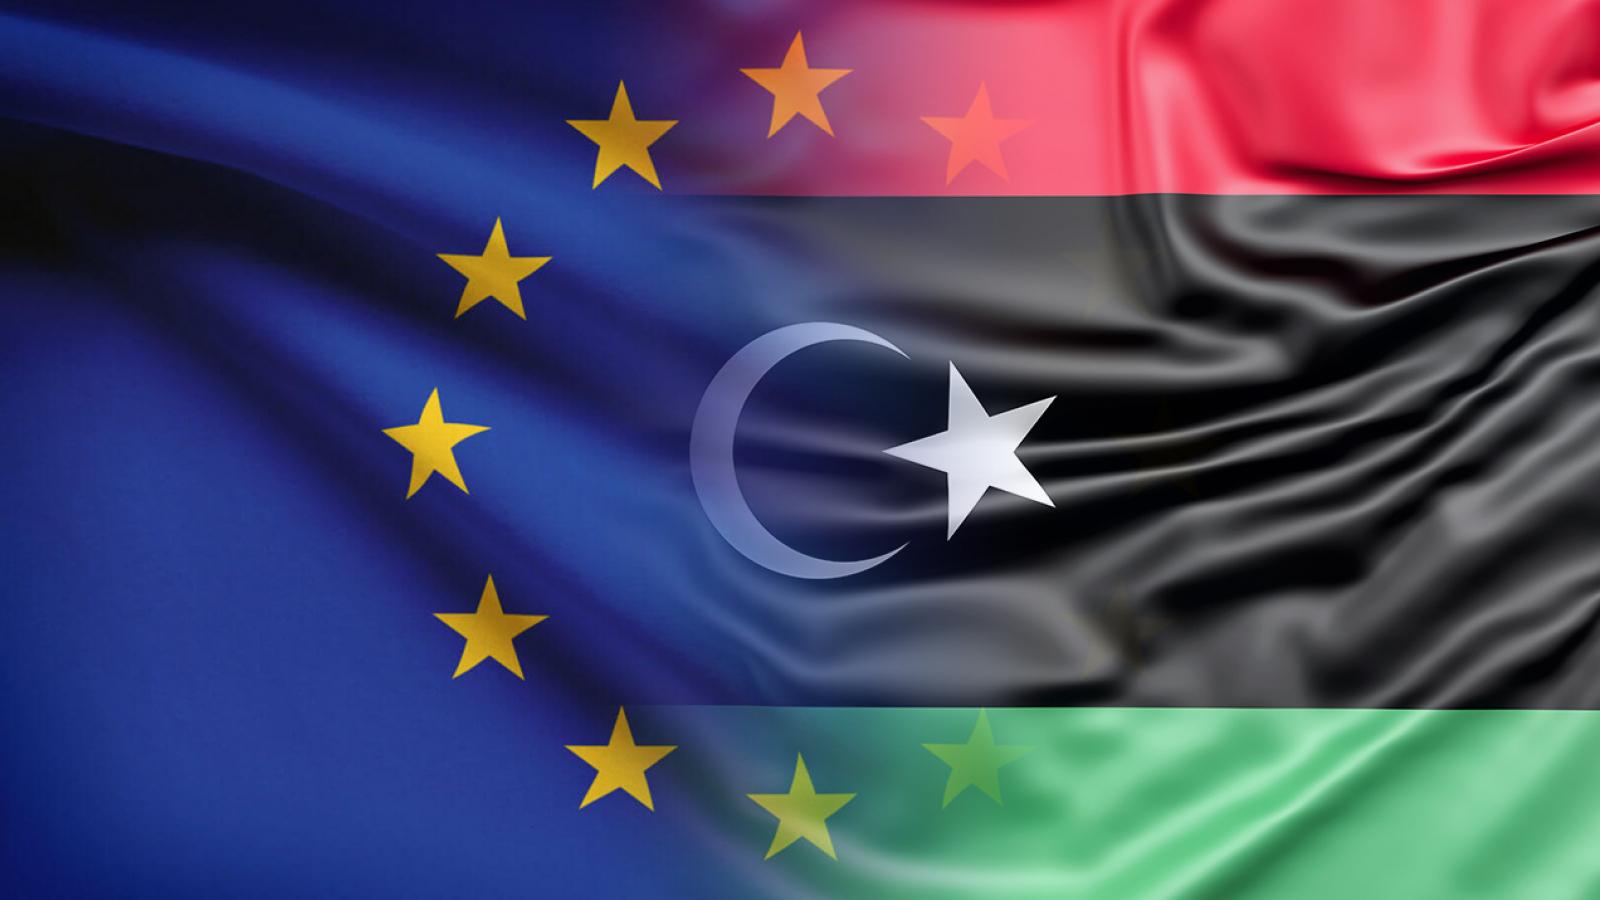 الاتحاد الأوروبي ـ مهمة عسكرية في ليبيا